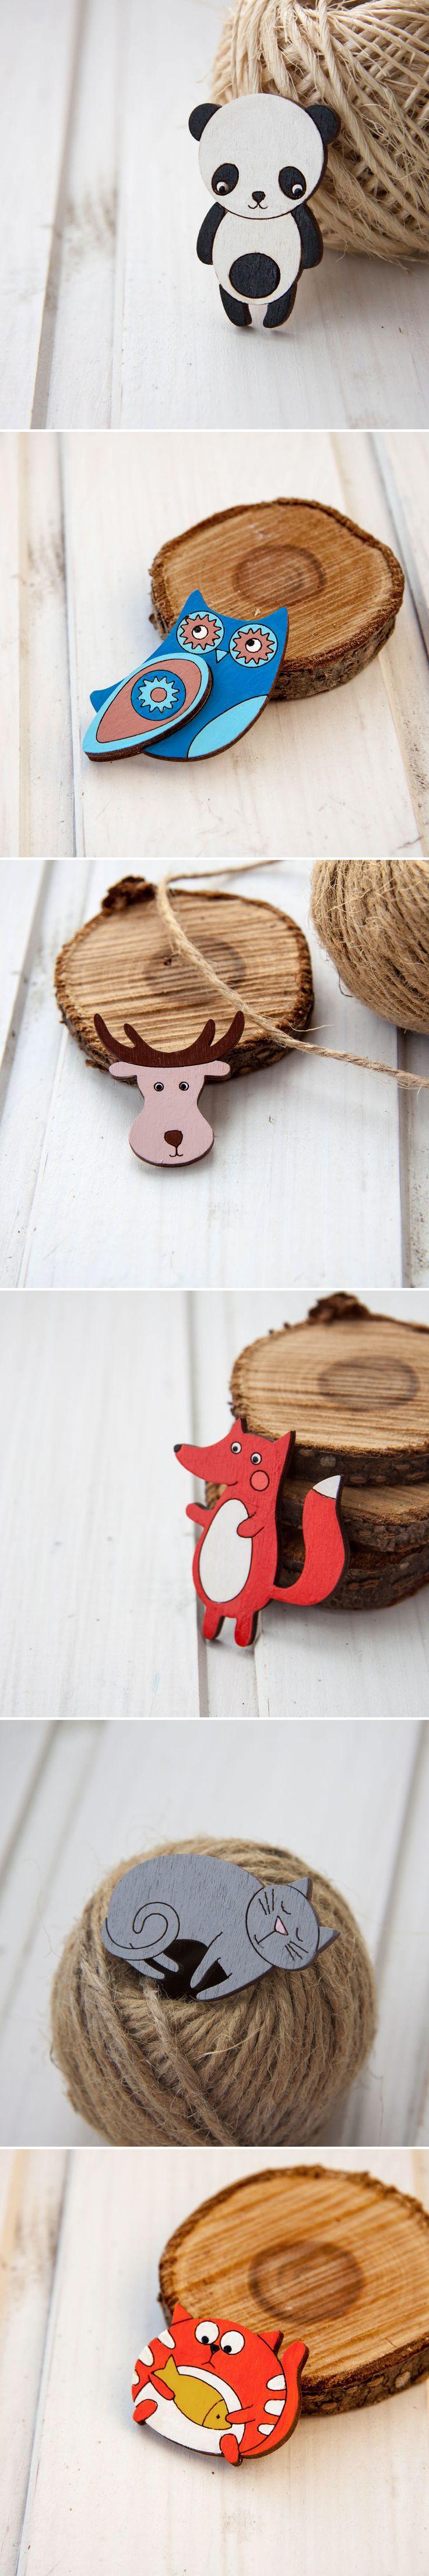 Wooden Brooches   Деревянные брошки — Купить, заказать, брошь, значок, дерево, ручная работа